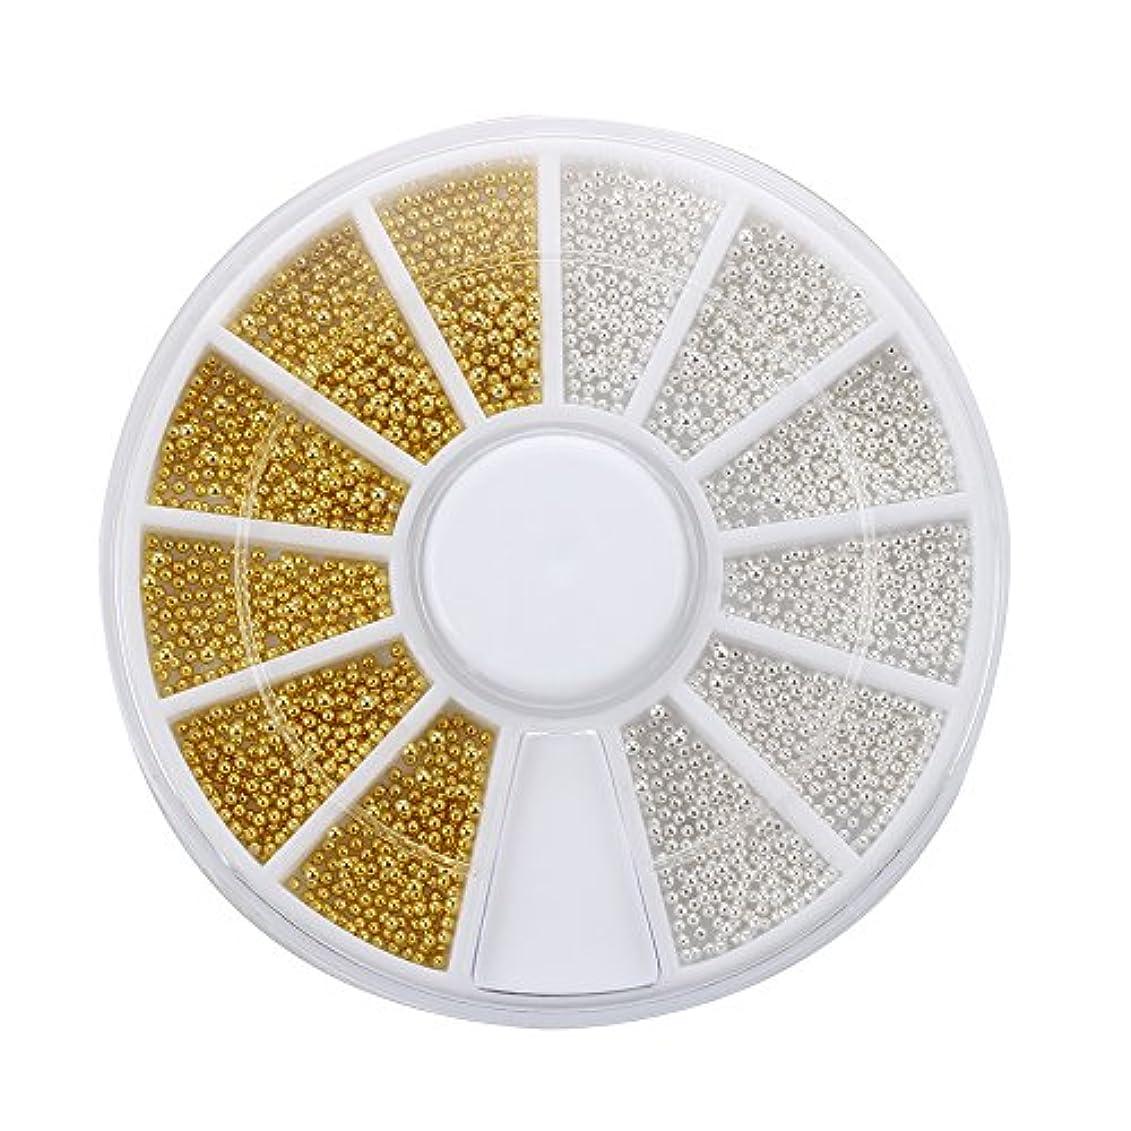 ガス世界の窓平行SODIAL(R) 300xネイルアート ゴールドシルバーボールビーズチップ装飾+ホイールファッション